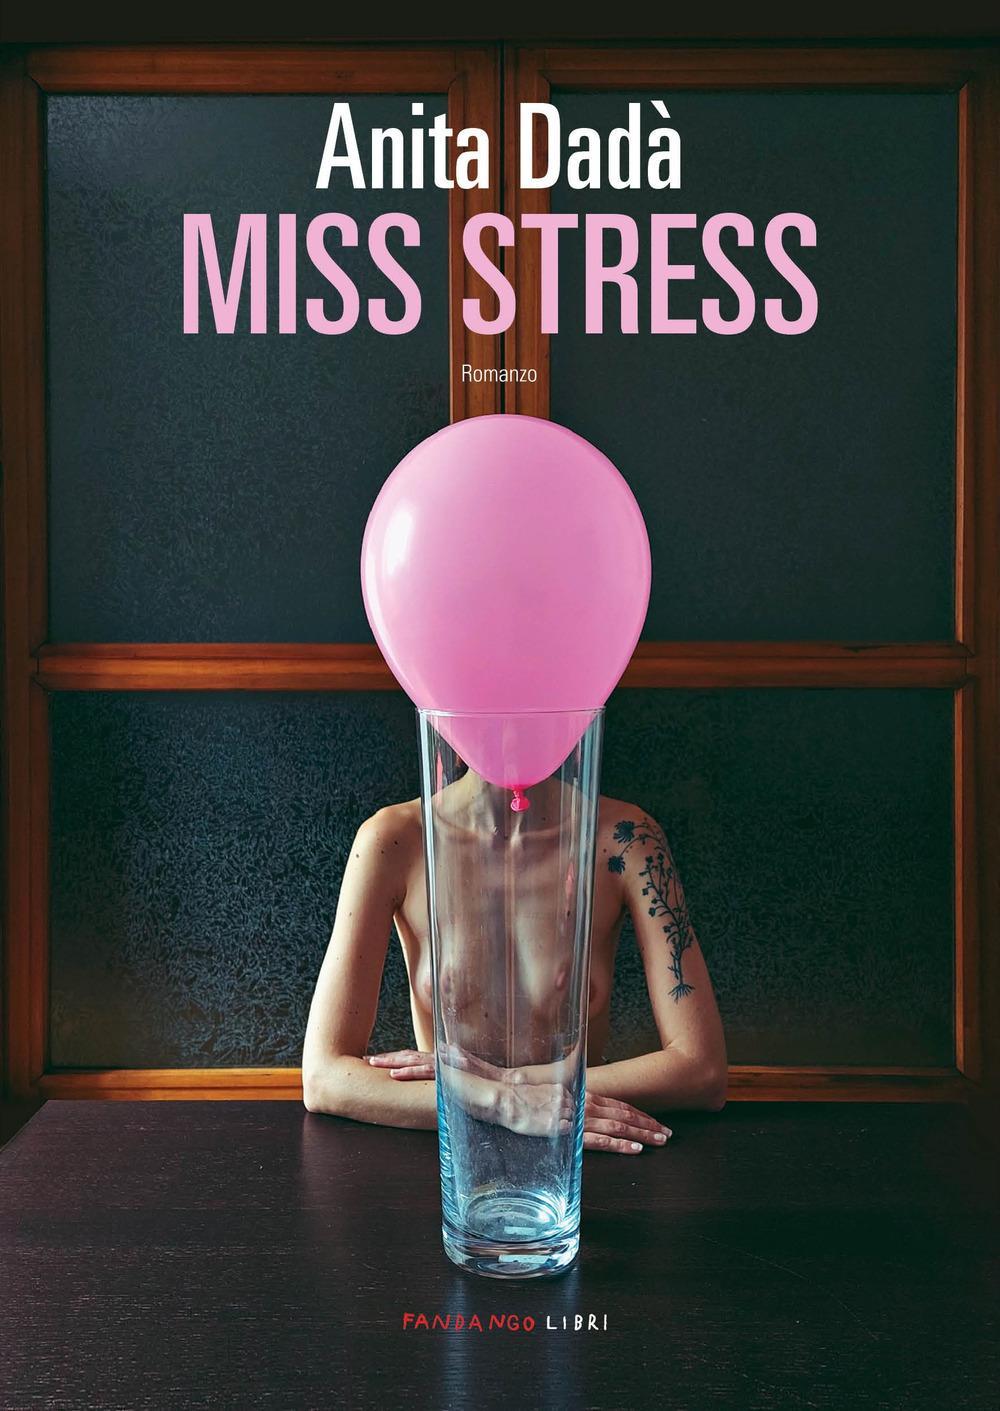 MISS STRESS - Dadà Anita - 9788860447623